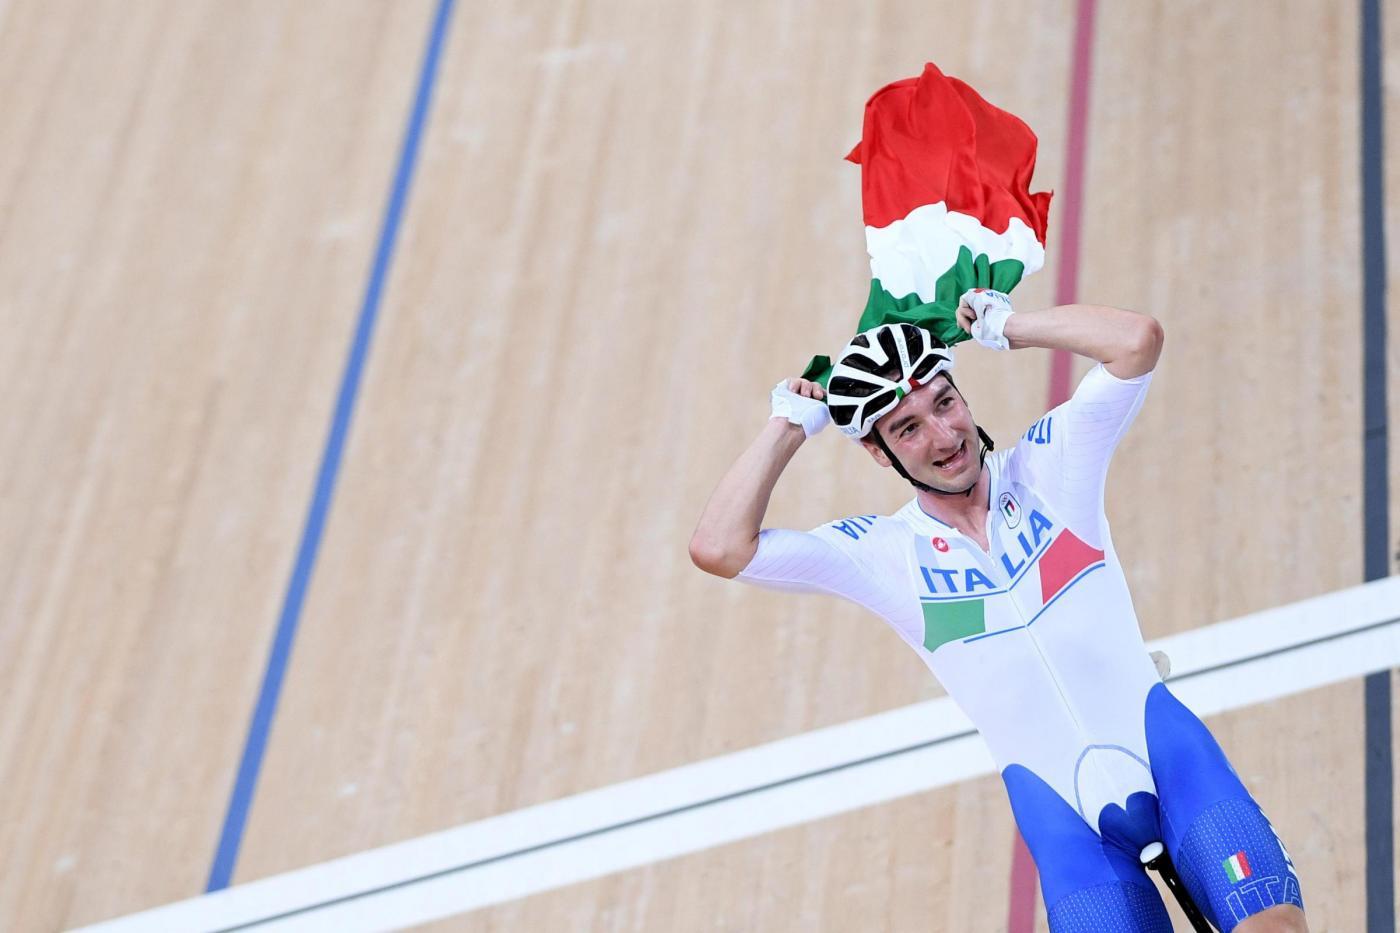 Olimpiadi 2016: Elia Viviani medaglia d'oro nell'Omnium